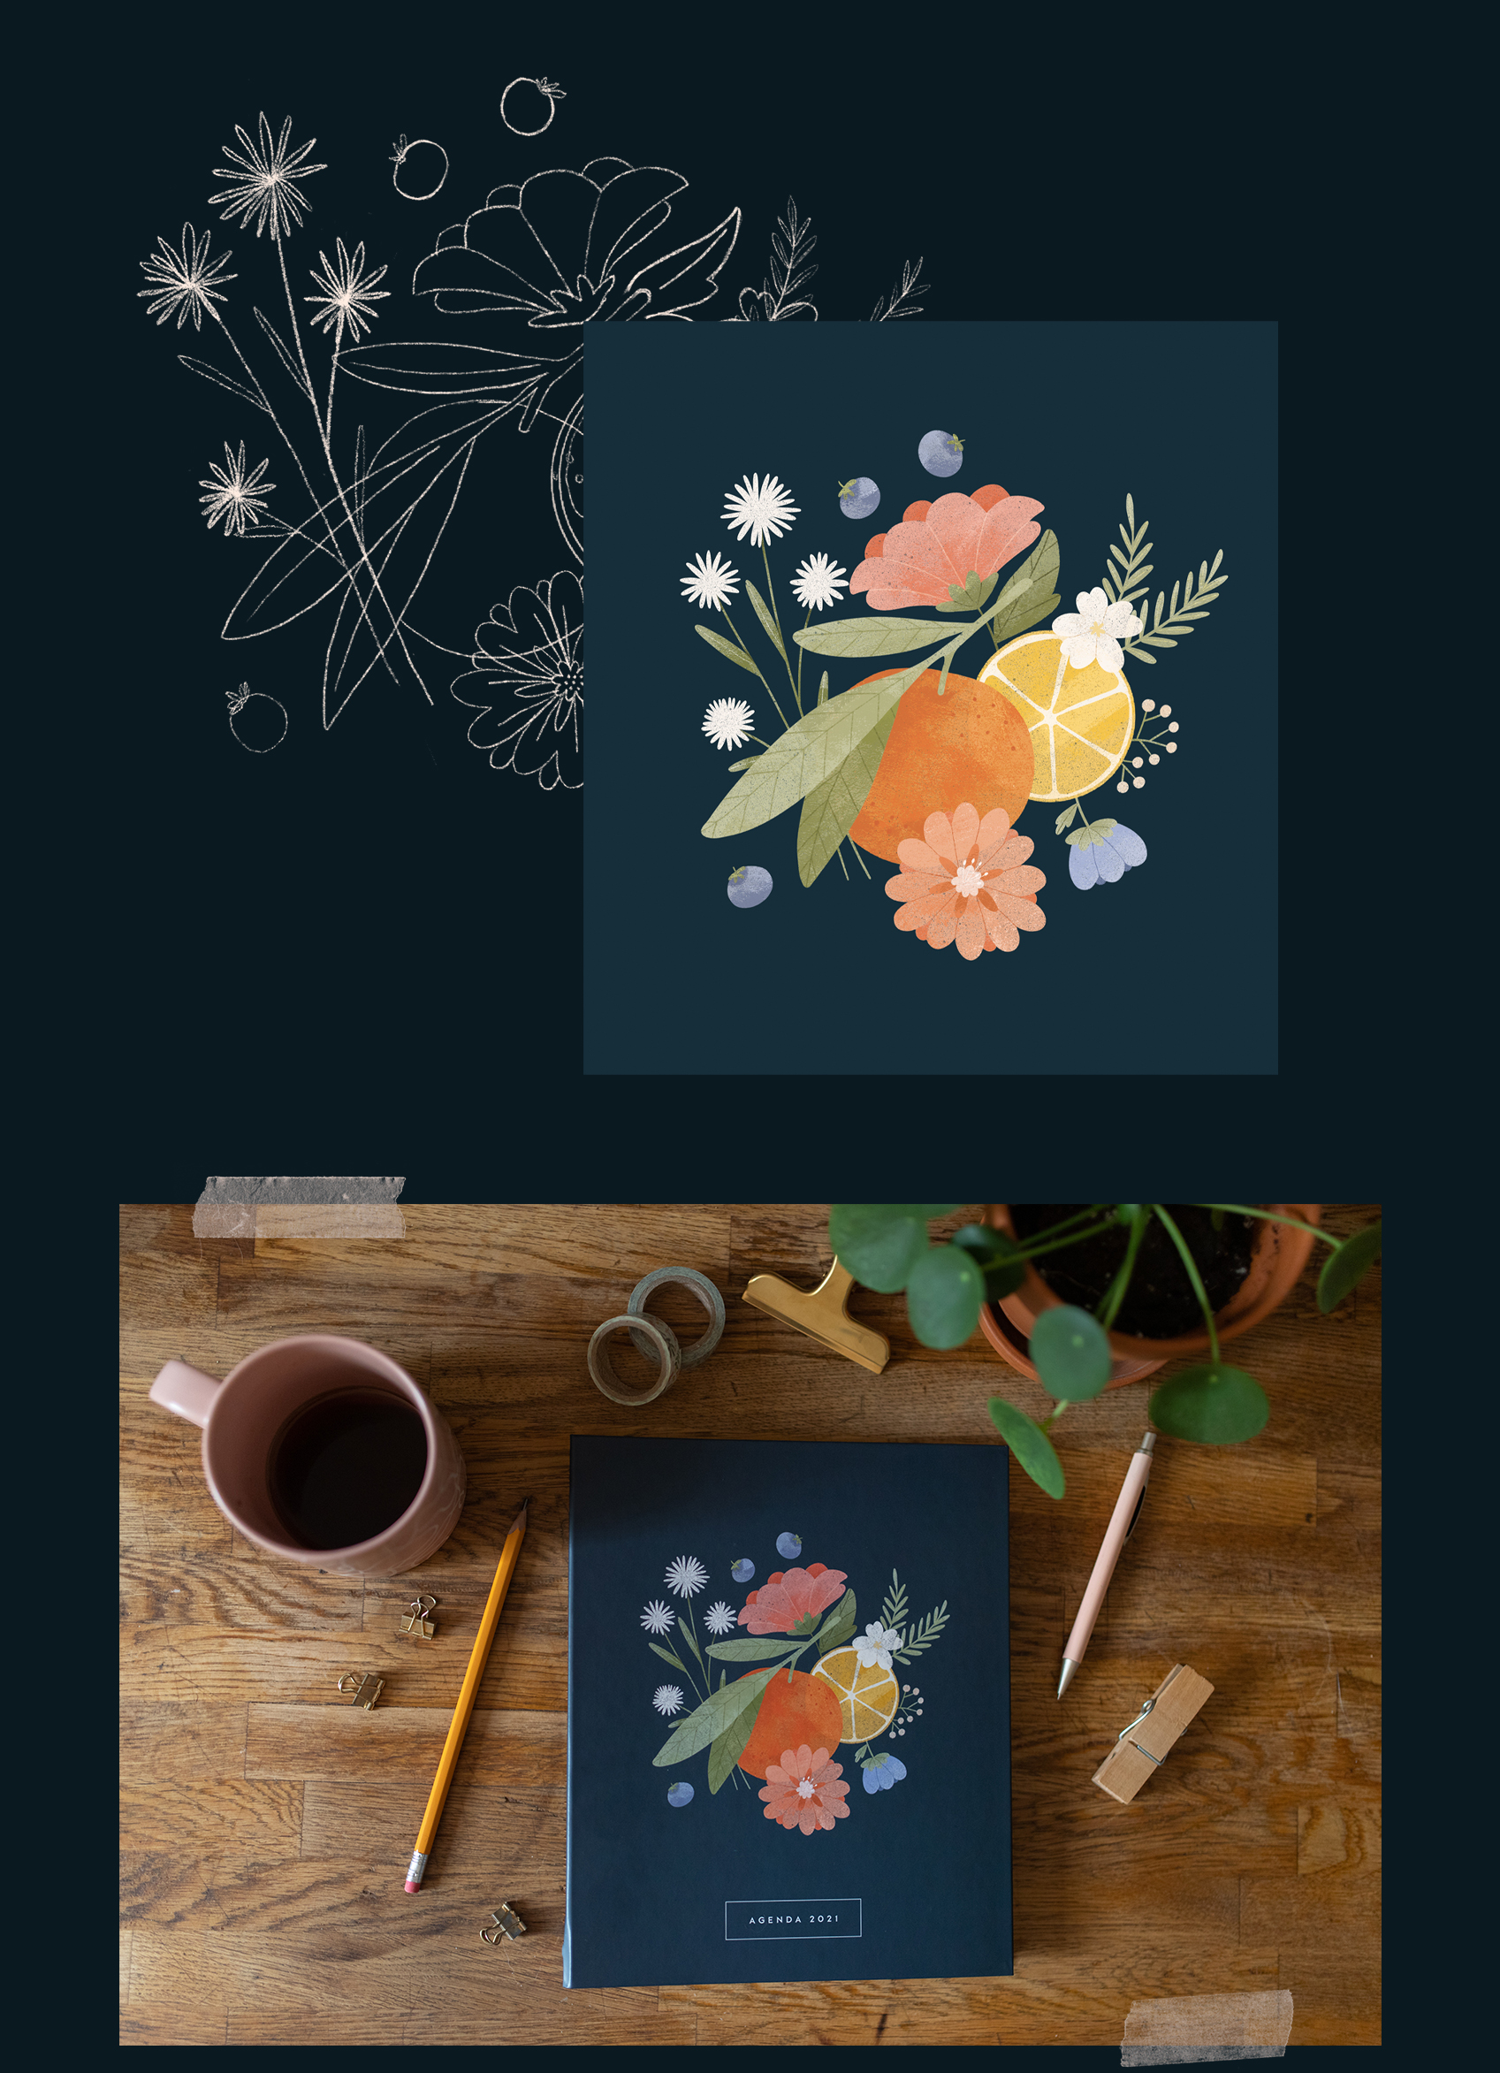 Trois fois par jour agenda 2021 Florence Sabatier Atelier Mouette illustrations